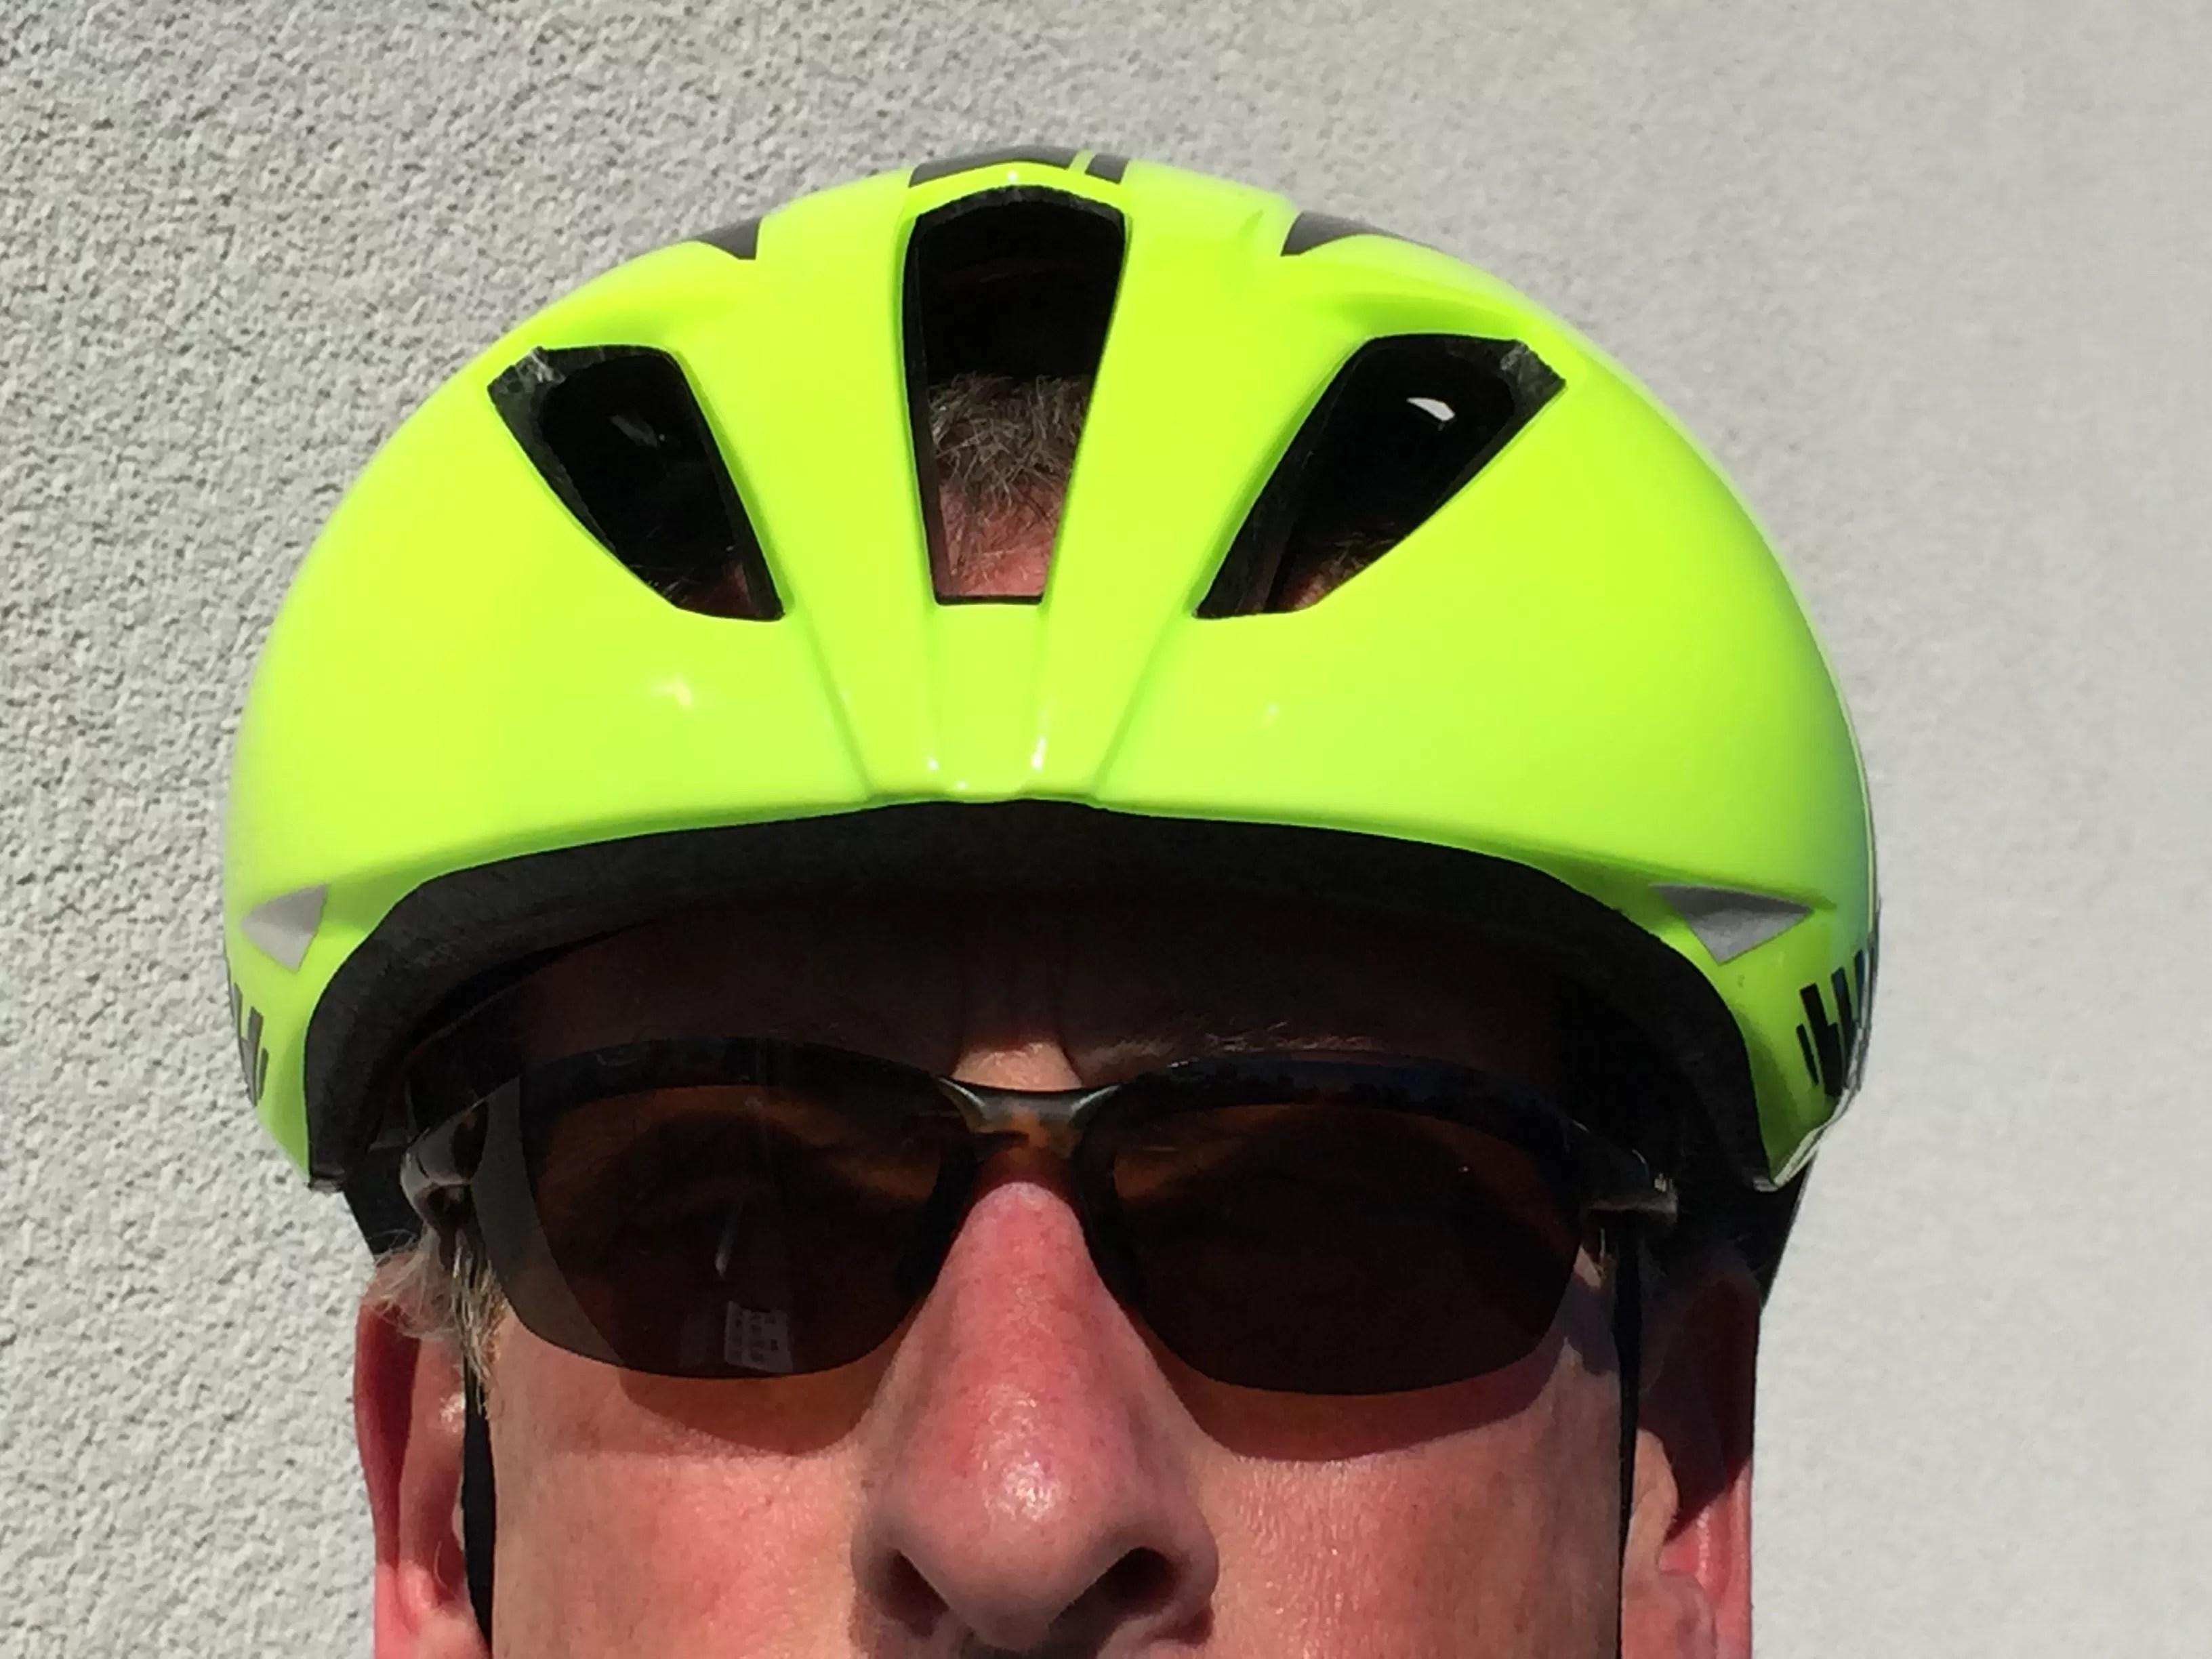 28a056cafb Bontrager Ballista Aero Helmet. Bontrager Ballista. Oakley ARO5 Aero road  helmet